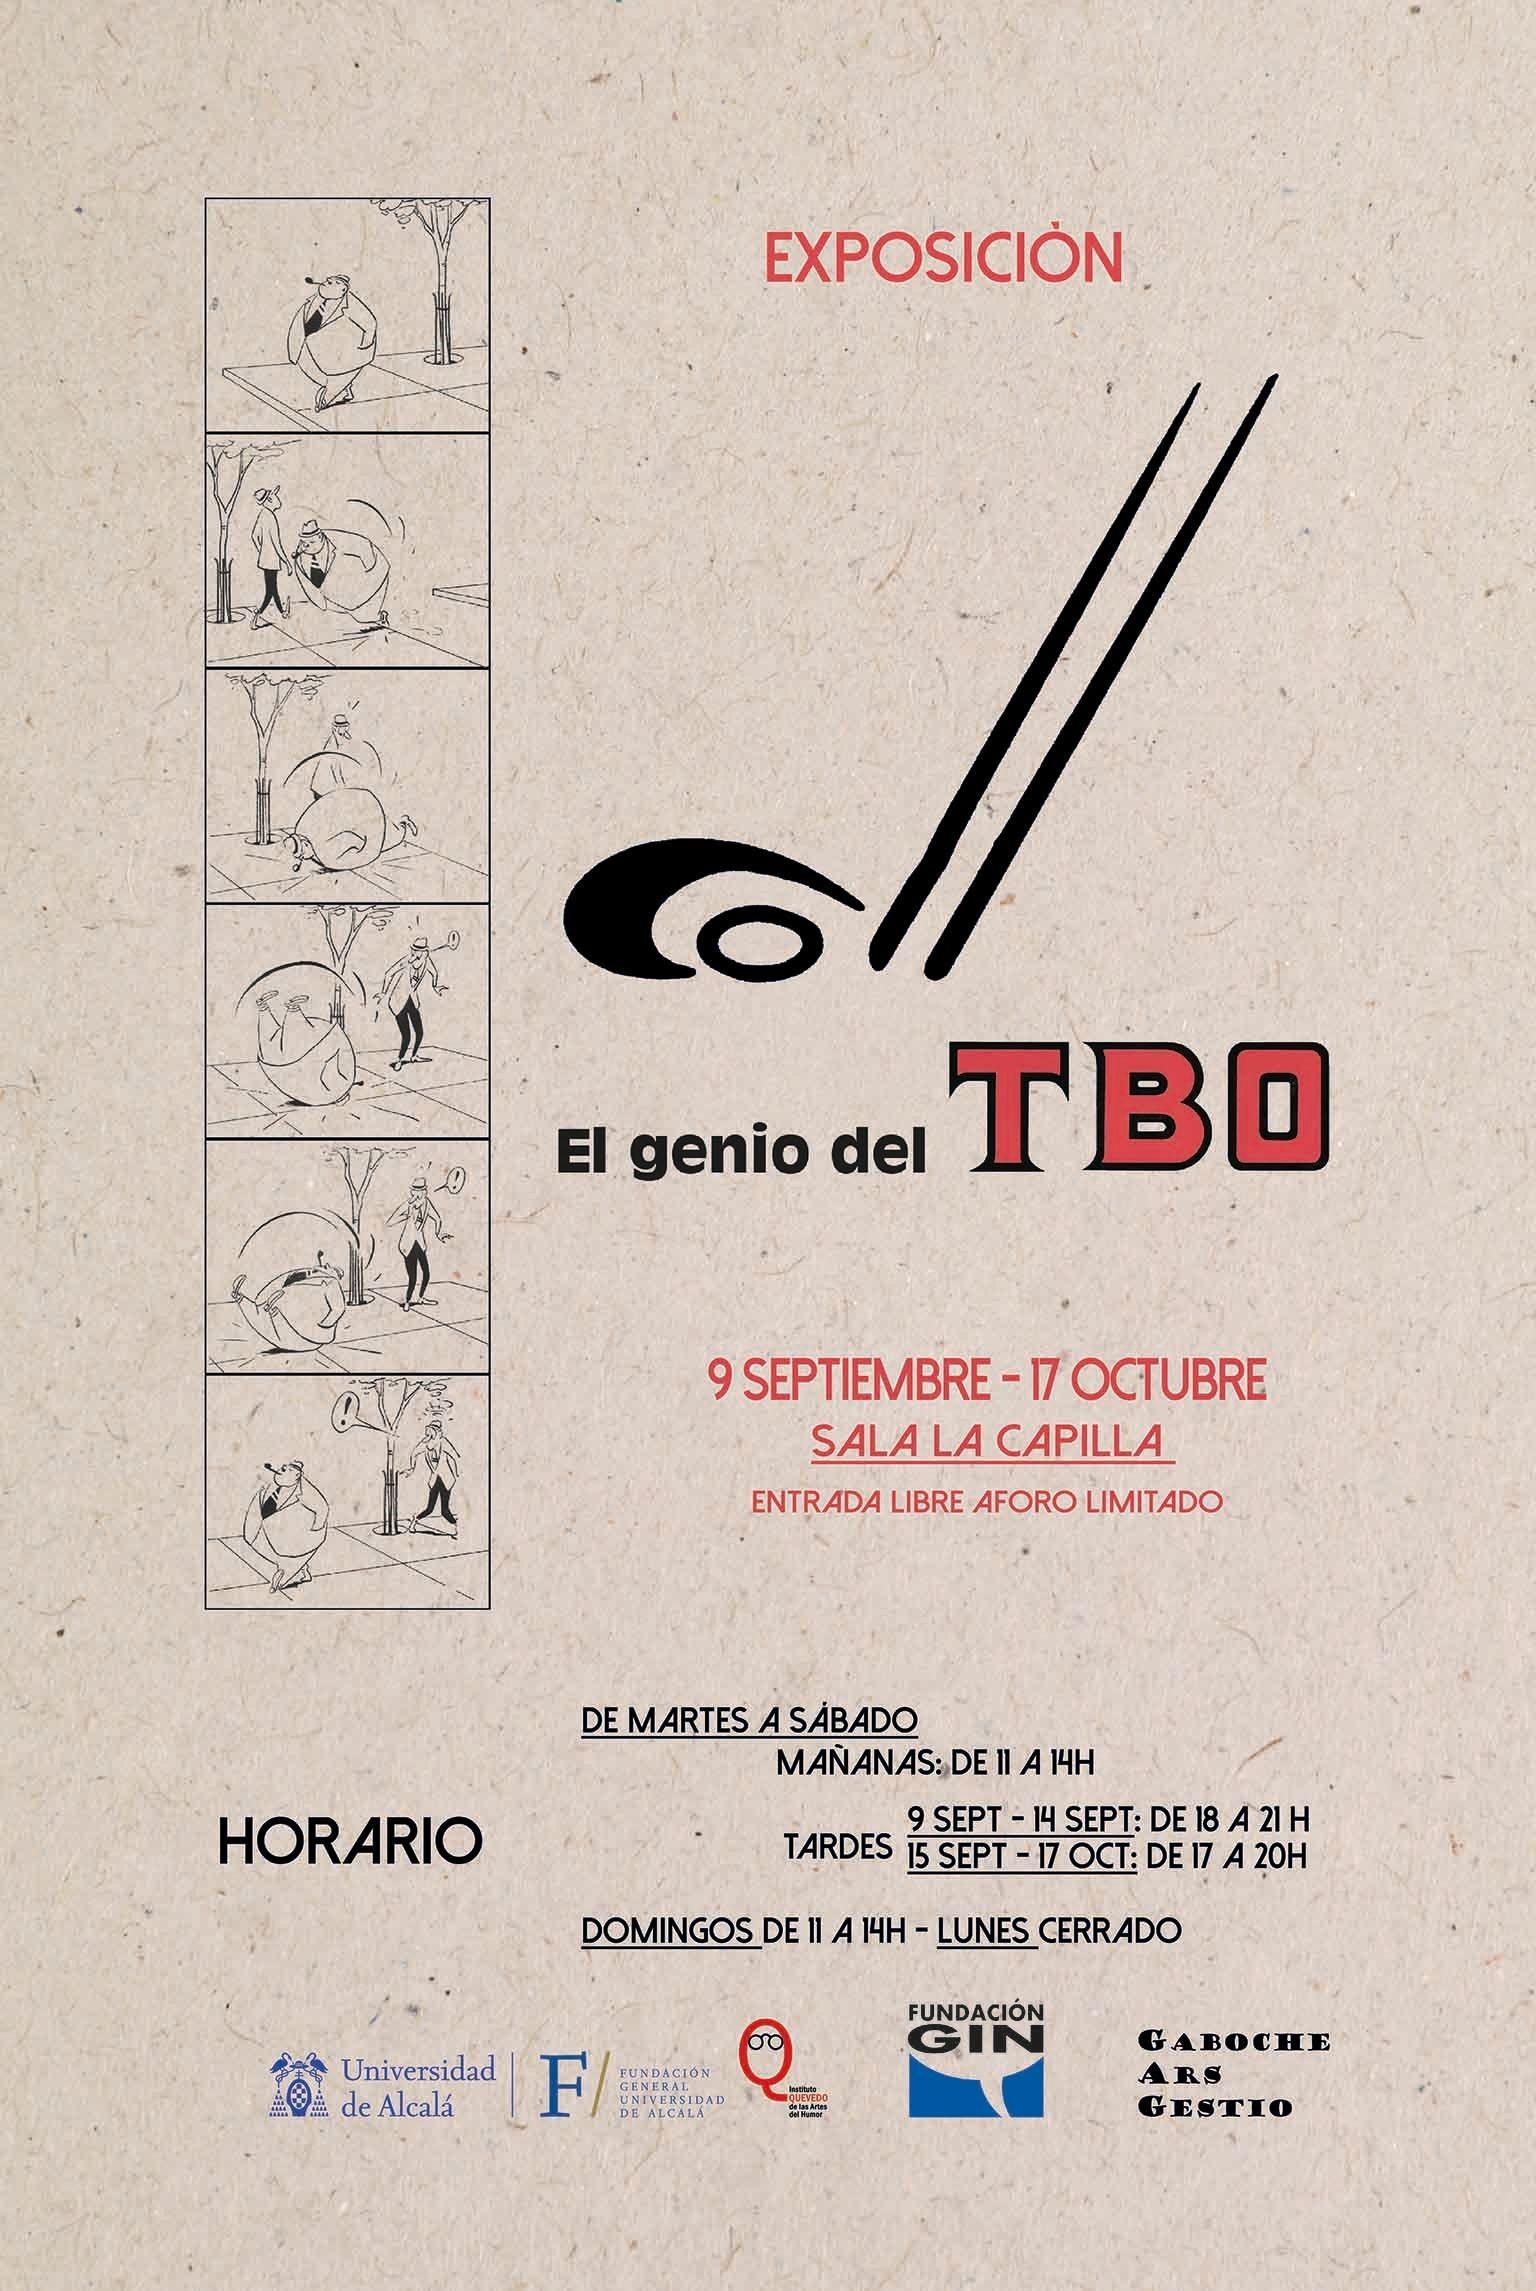 Coll, el genio del TBO, exposición en Alcalá de Henares